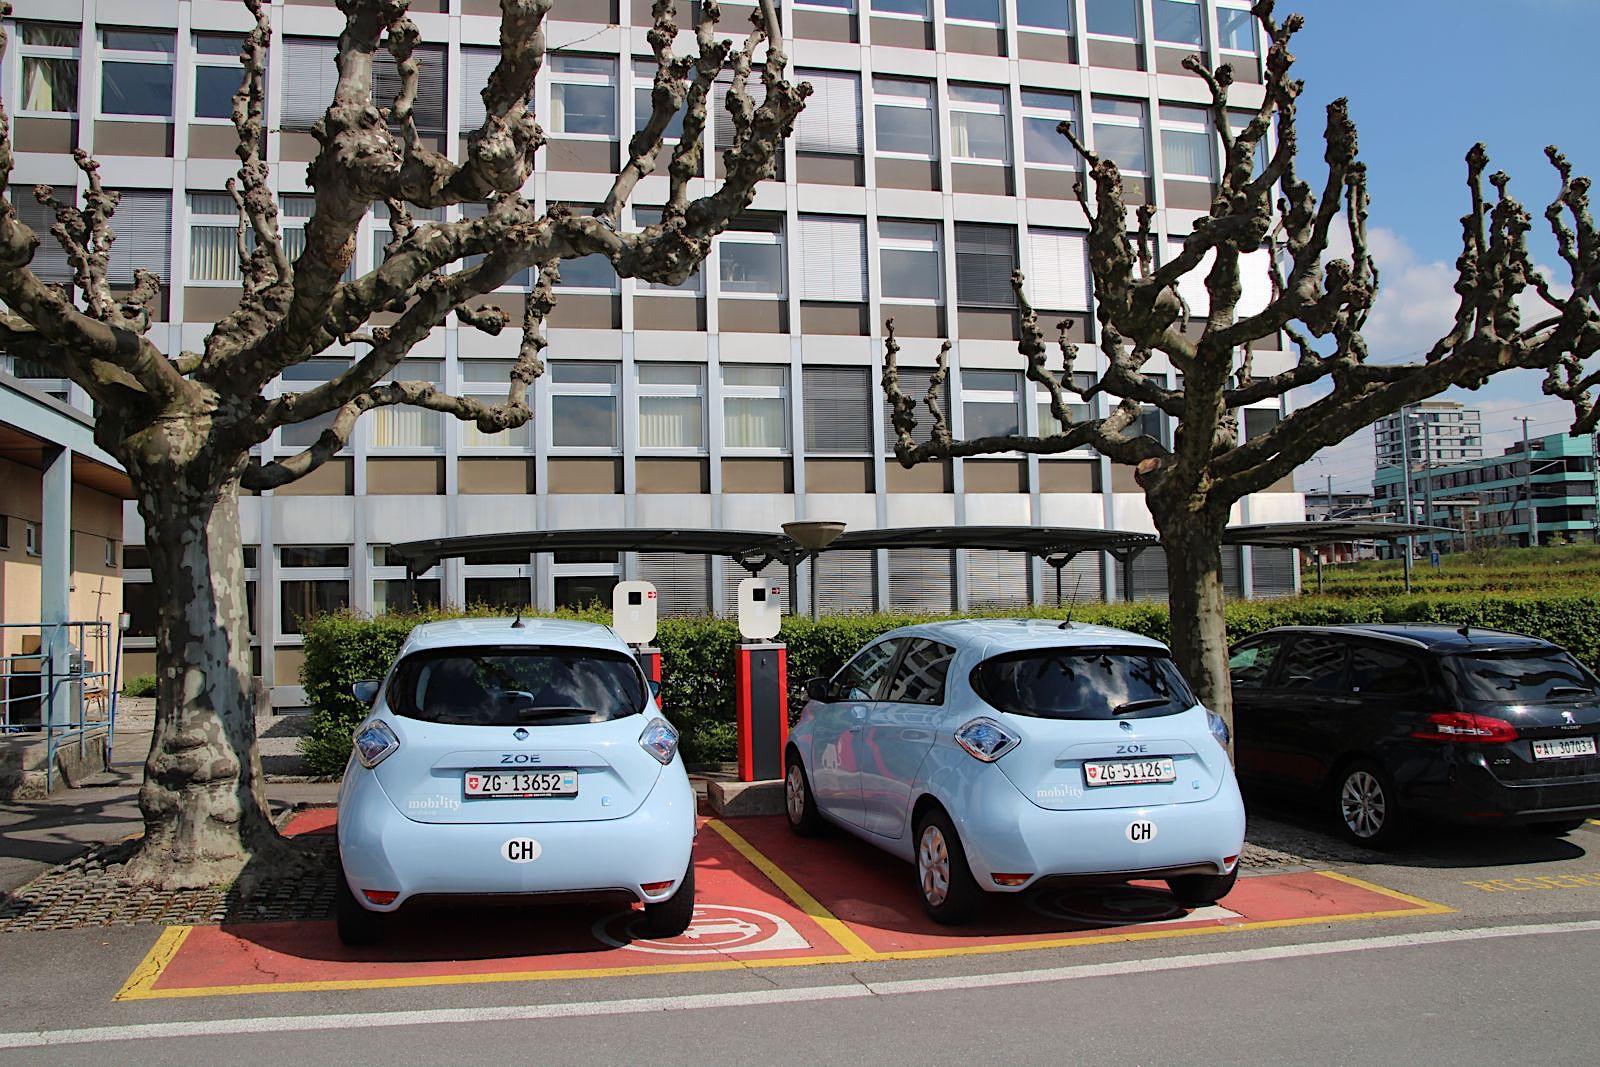 Idyllisch unter Bäumen parkiert: Die Elektroautos von Mobility. Leider fährt nur ein minimaler Prozentsatz der Zuger elektrisch.